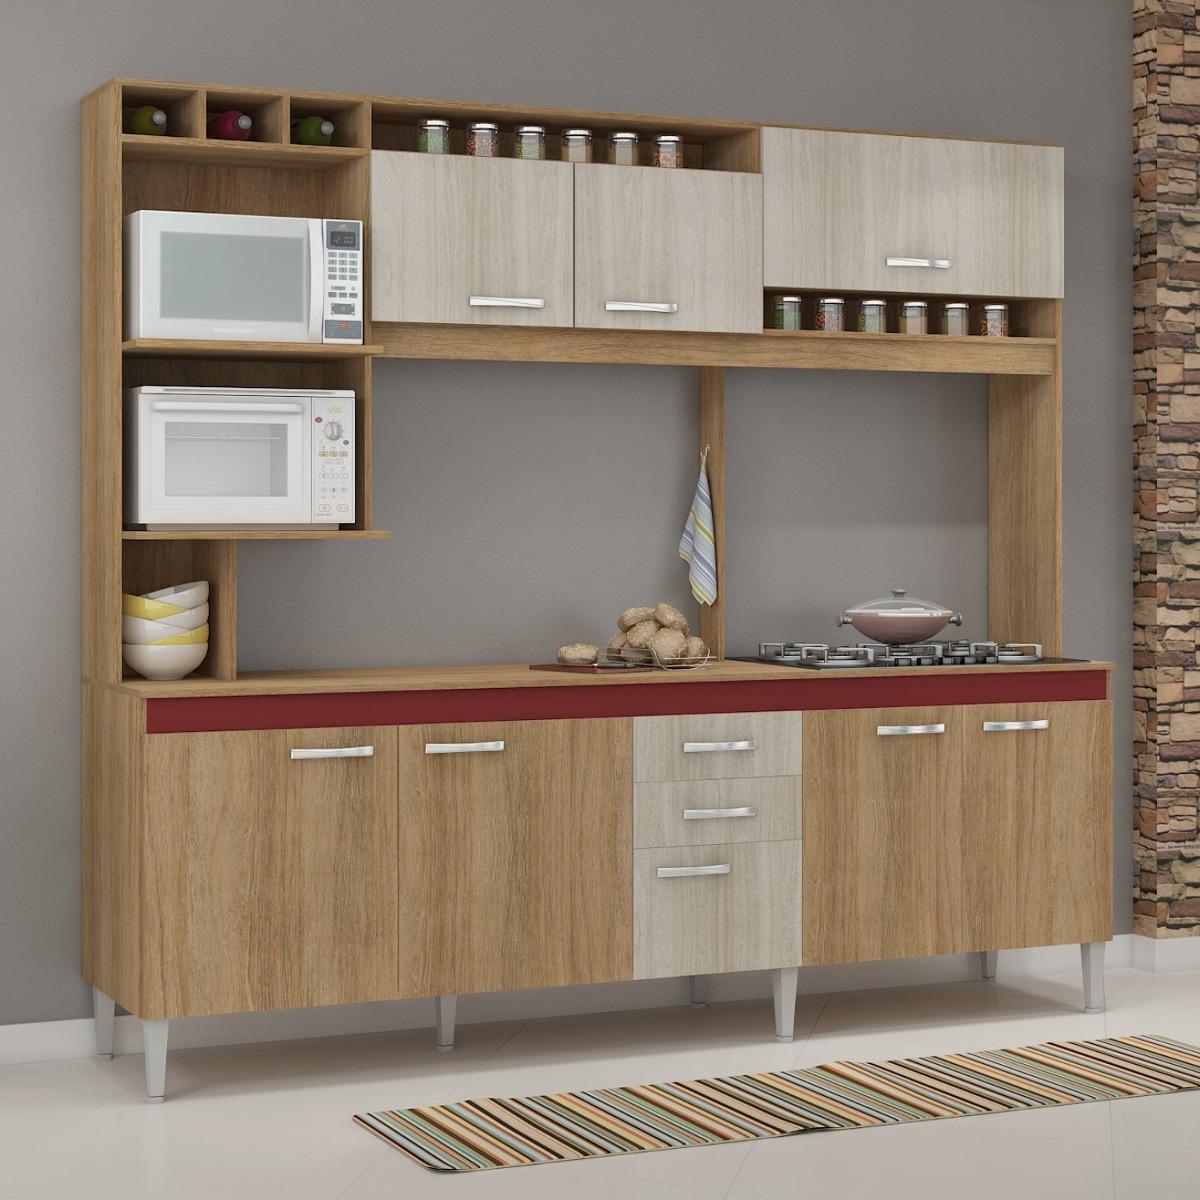 Cozinha Compacta Sem Pia E Tampo 8 Portas 2 Gavetas B R 719 90 Em